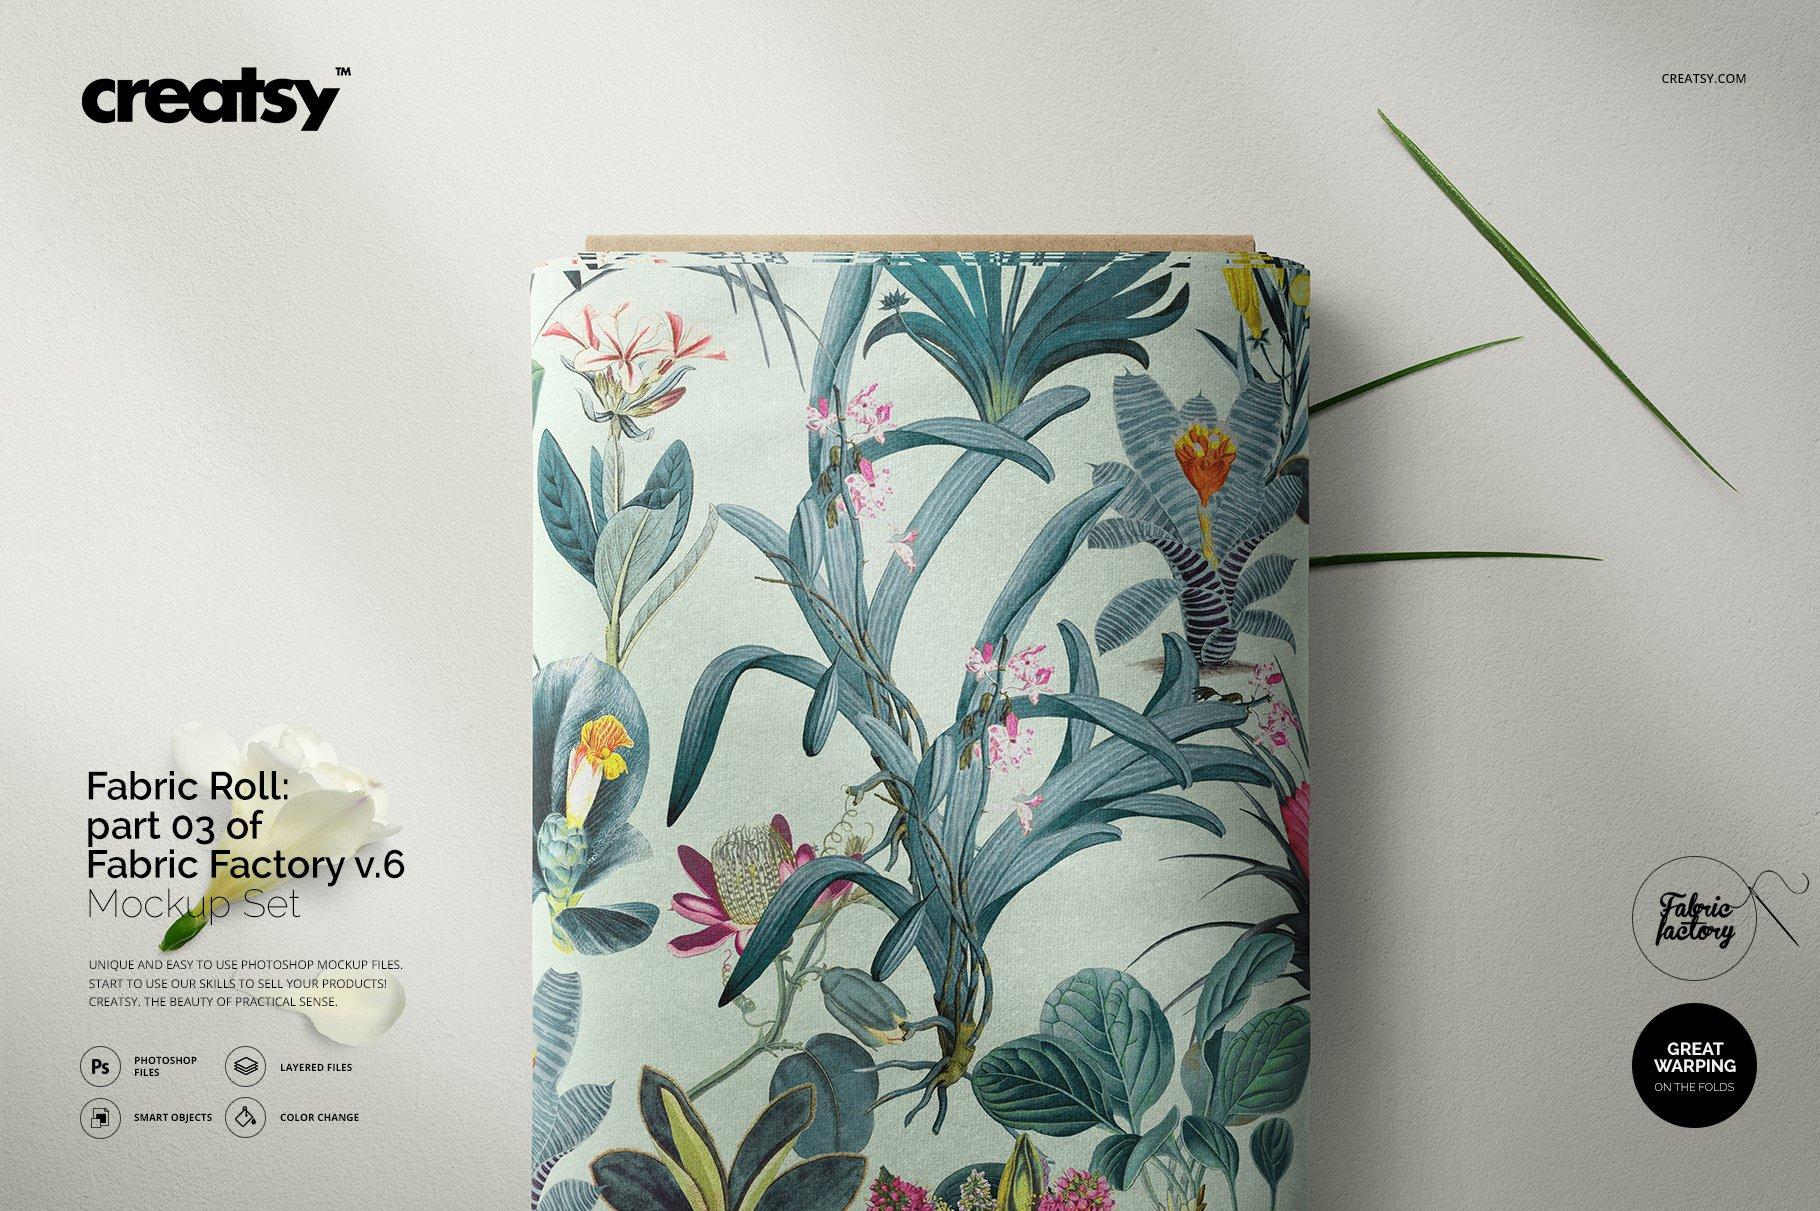 卷状织物布料印花设计展示样机 Fabric Roll Mockup 03/FF v.6插图